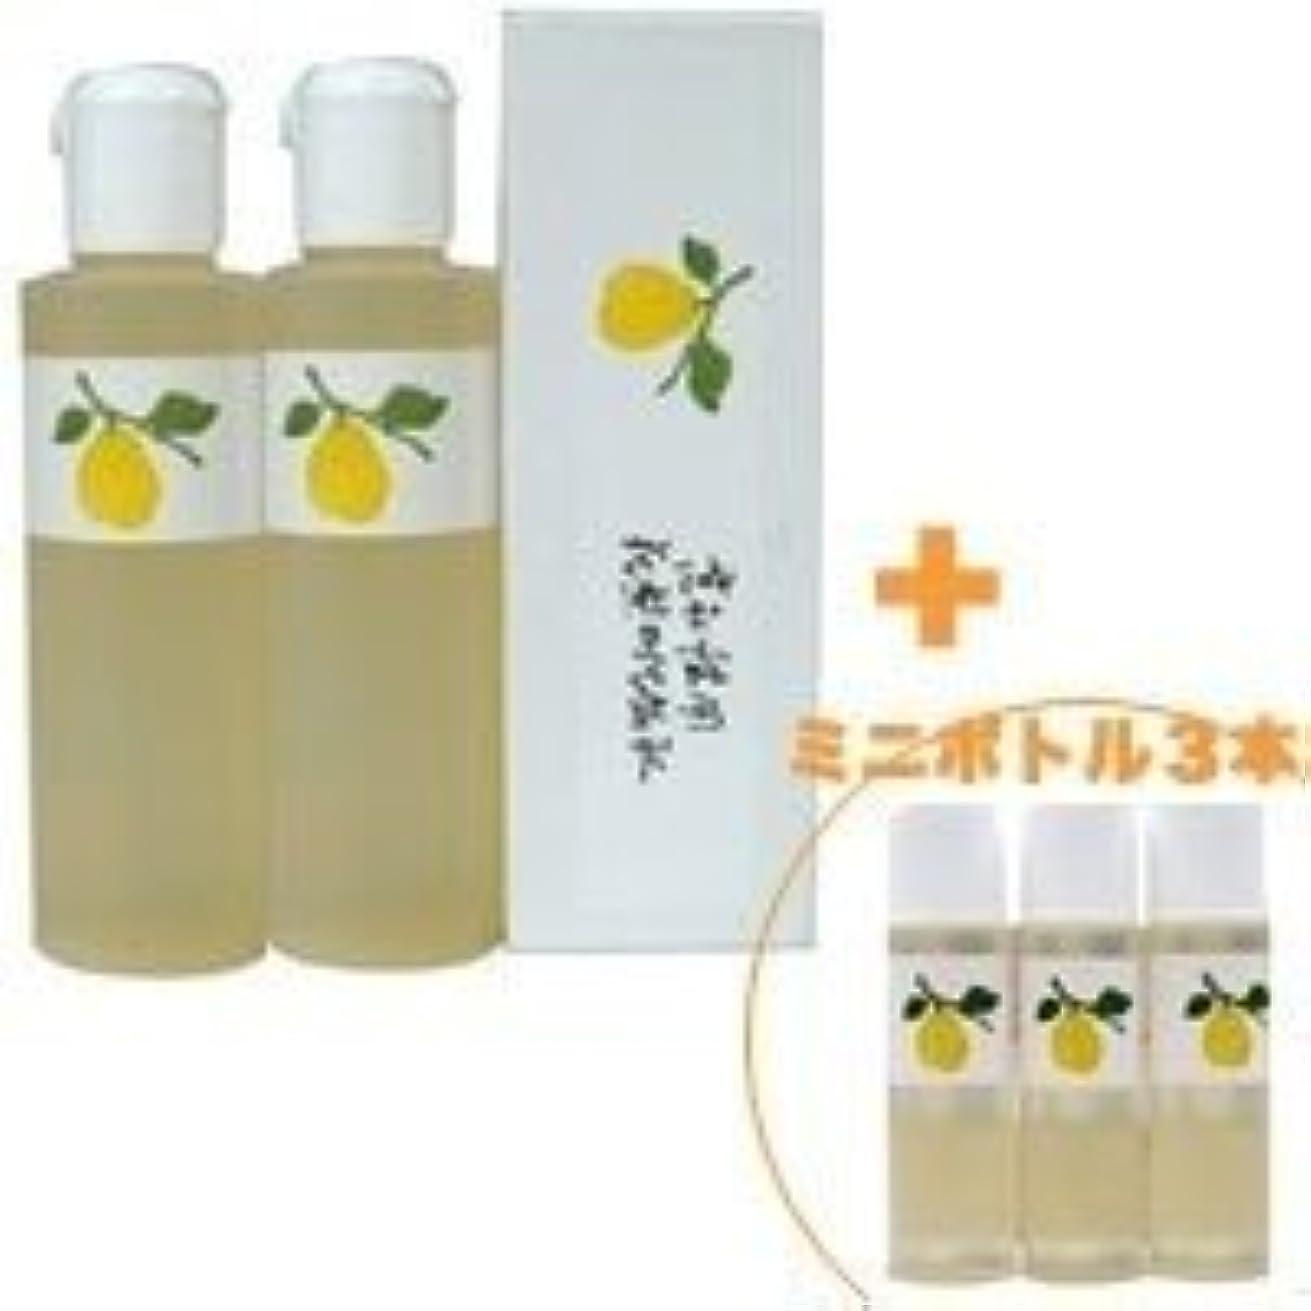 士気忌まわしい教育学花梨の化粧水 200ml 2本&ミニボトル 3本 美容液 栄養クリームのいらないお肌へ 保湿と乾燥対策に